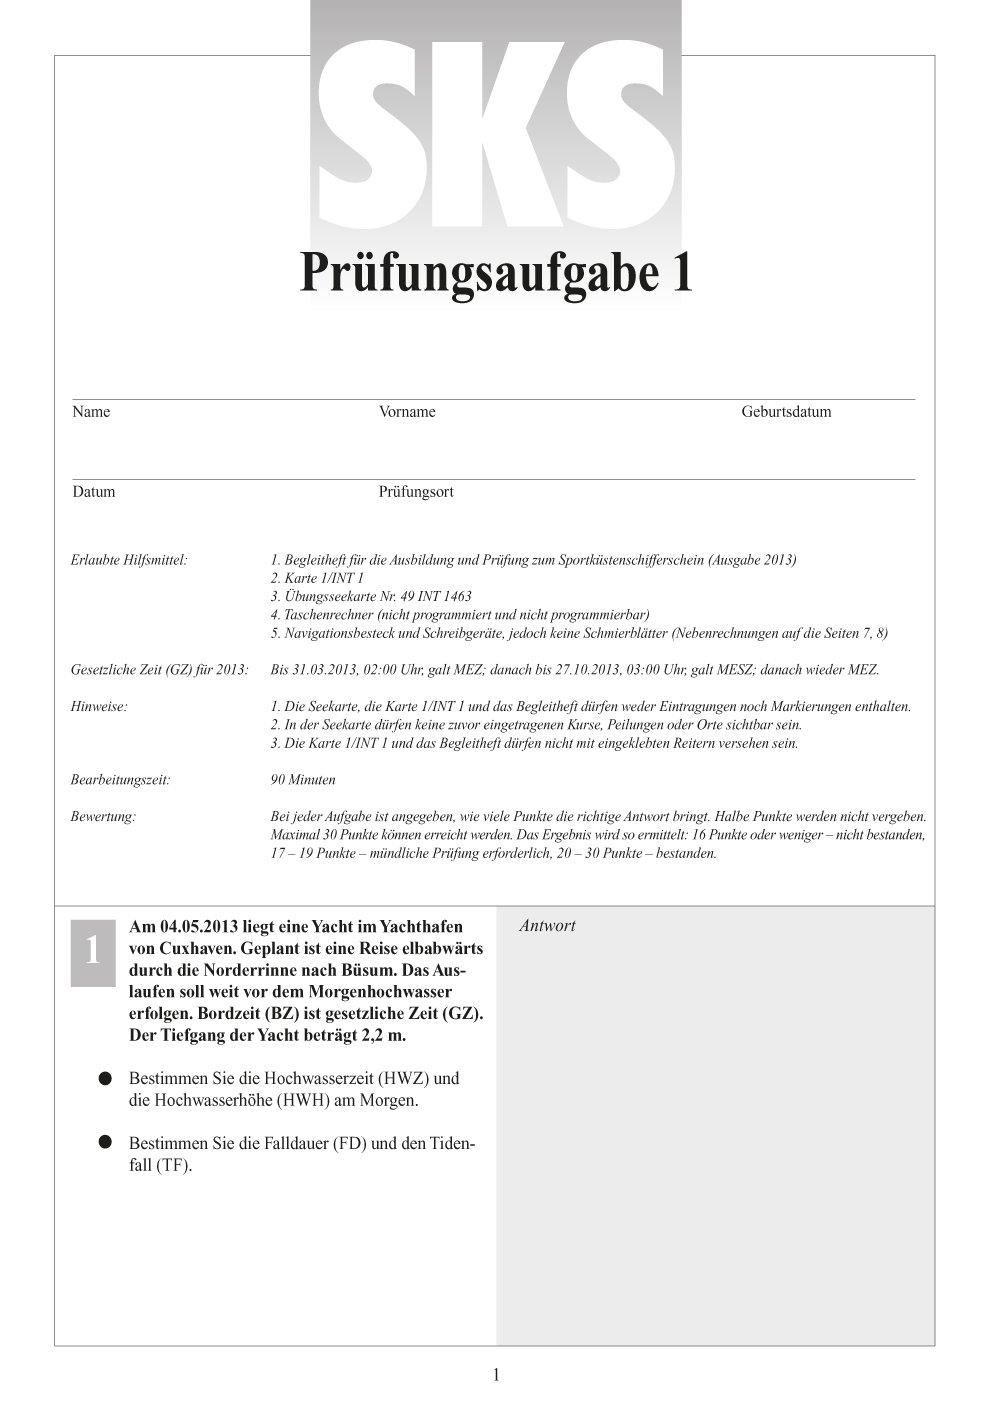 & Gezeitenaufgaben Fragebogen mit Antworten Karten Sportküsten Schifferschein